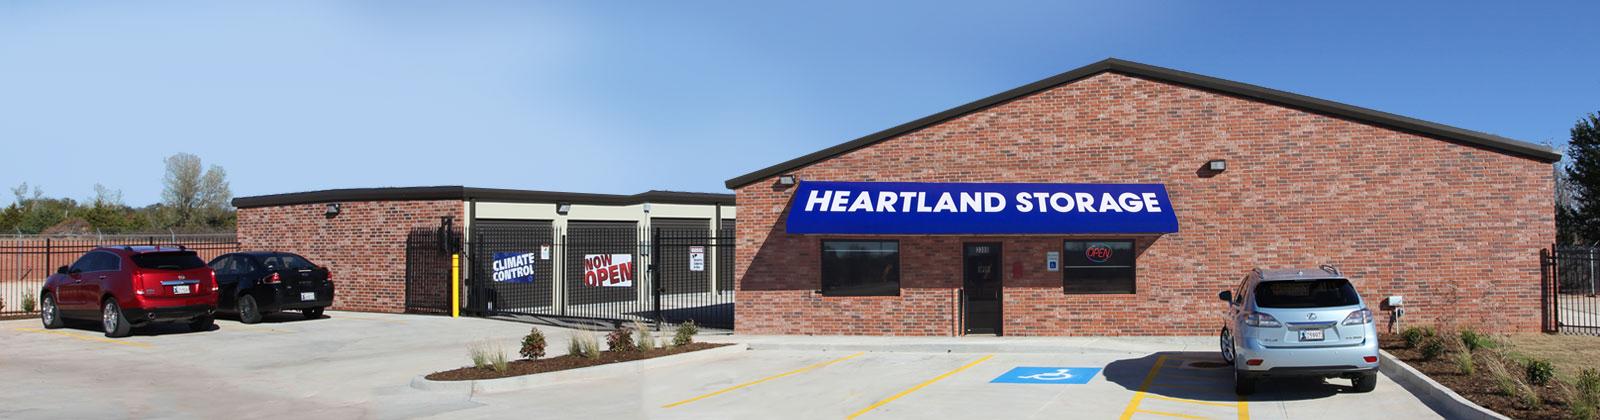 heartland storage building